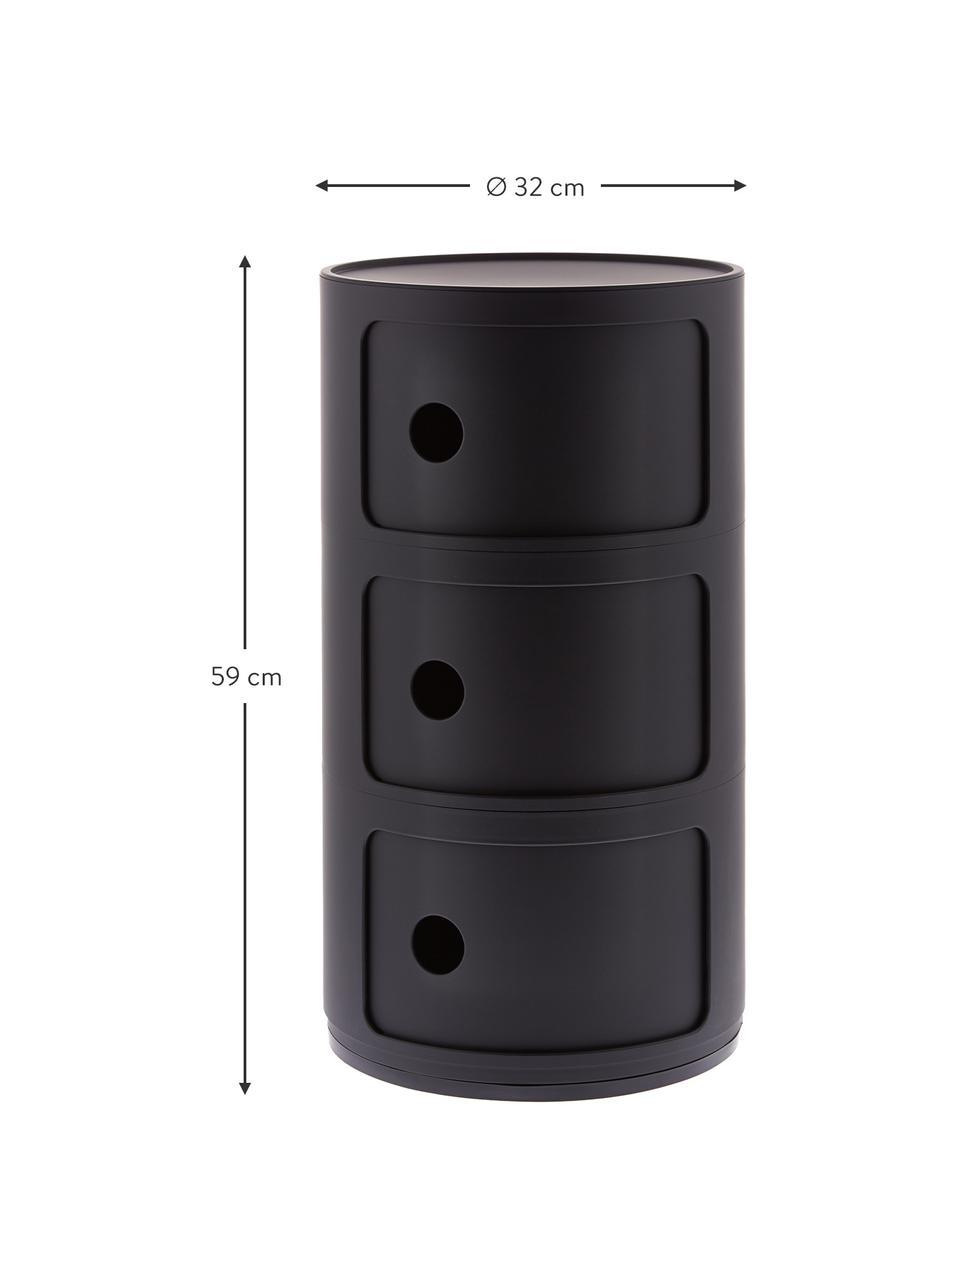 Design Container Componibili Recycled 3 Modules, Thermoplastisches Technopolymer aus recyceltem Industrieausschuss, Schwarz, matt, Ø 32 x H 59 cm